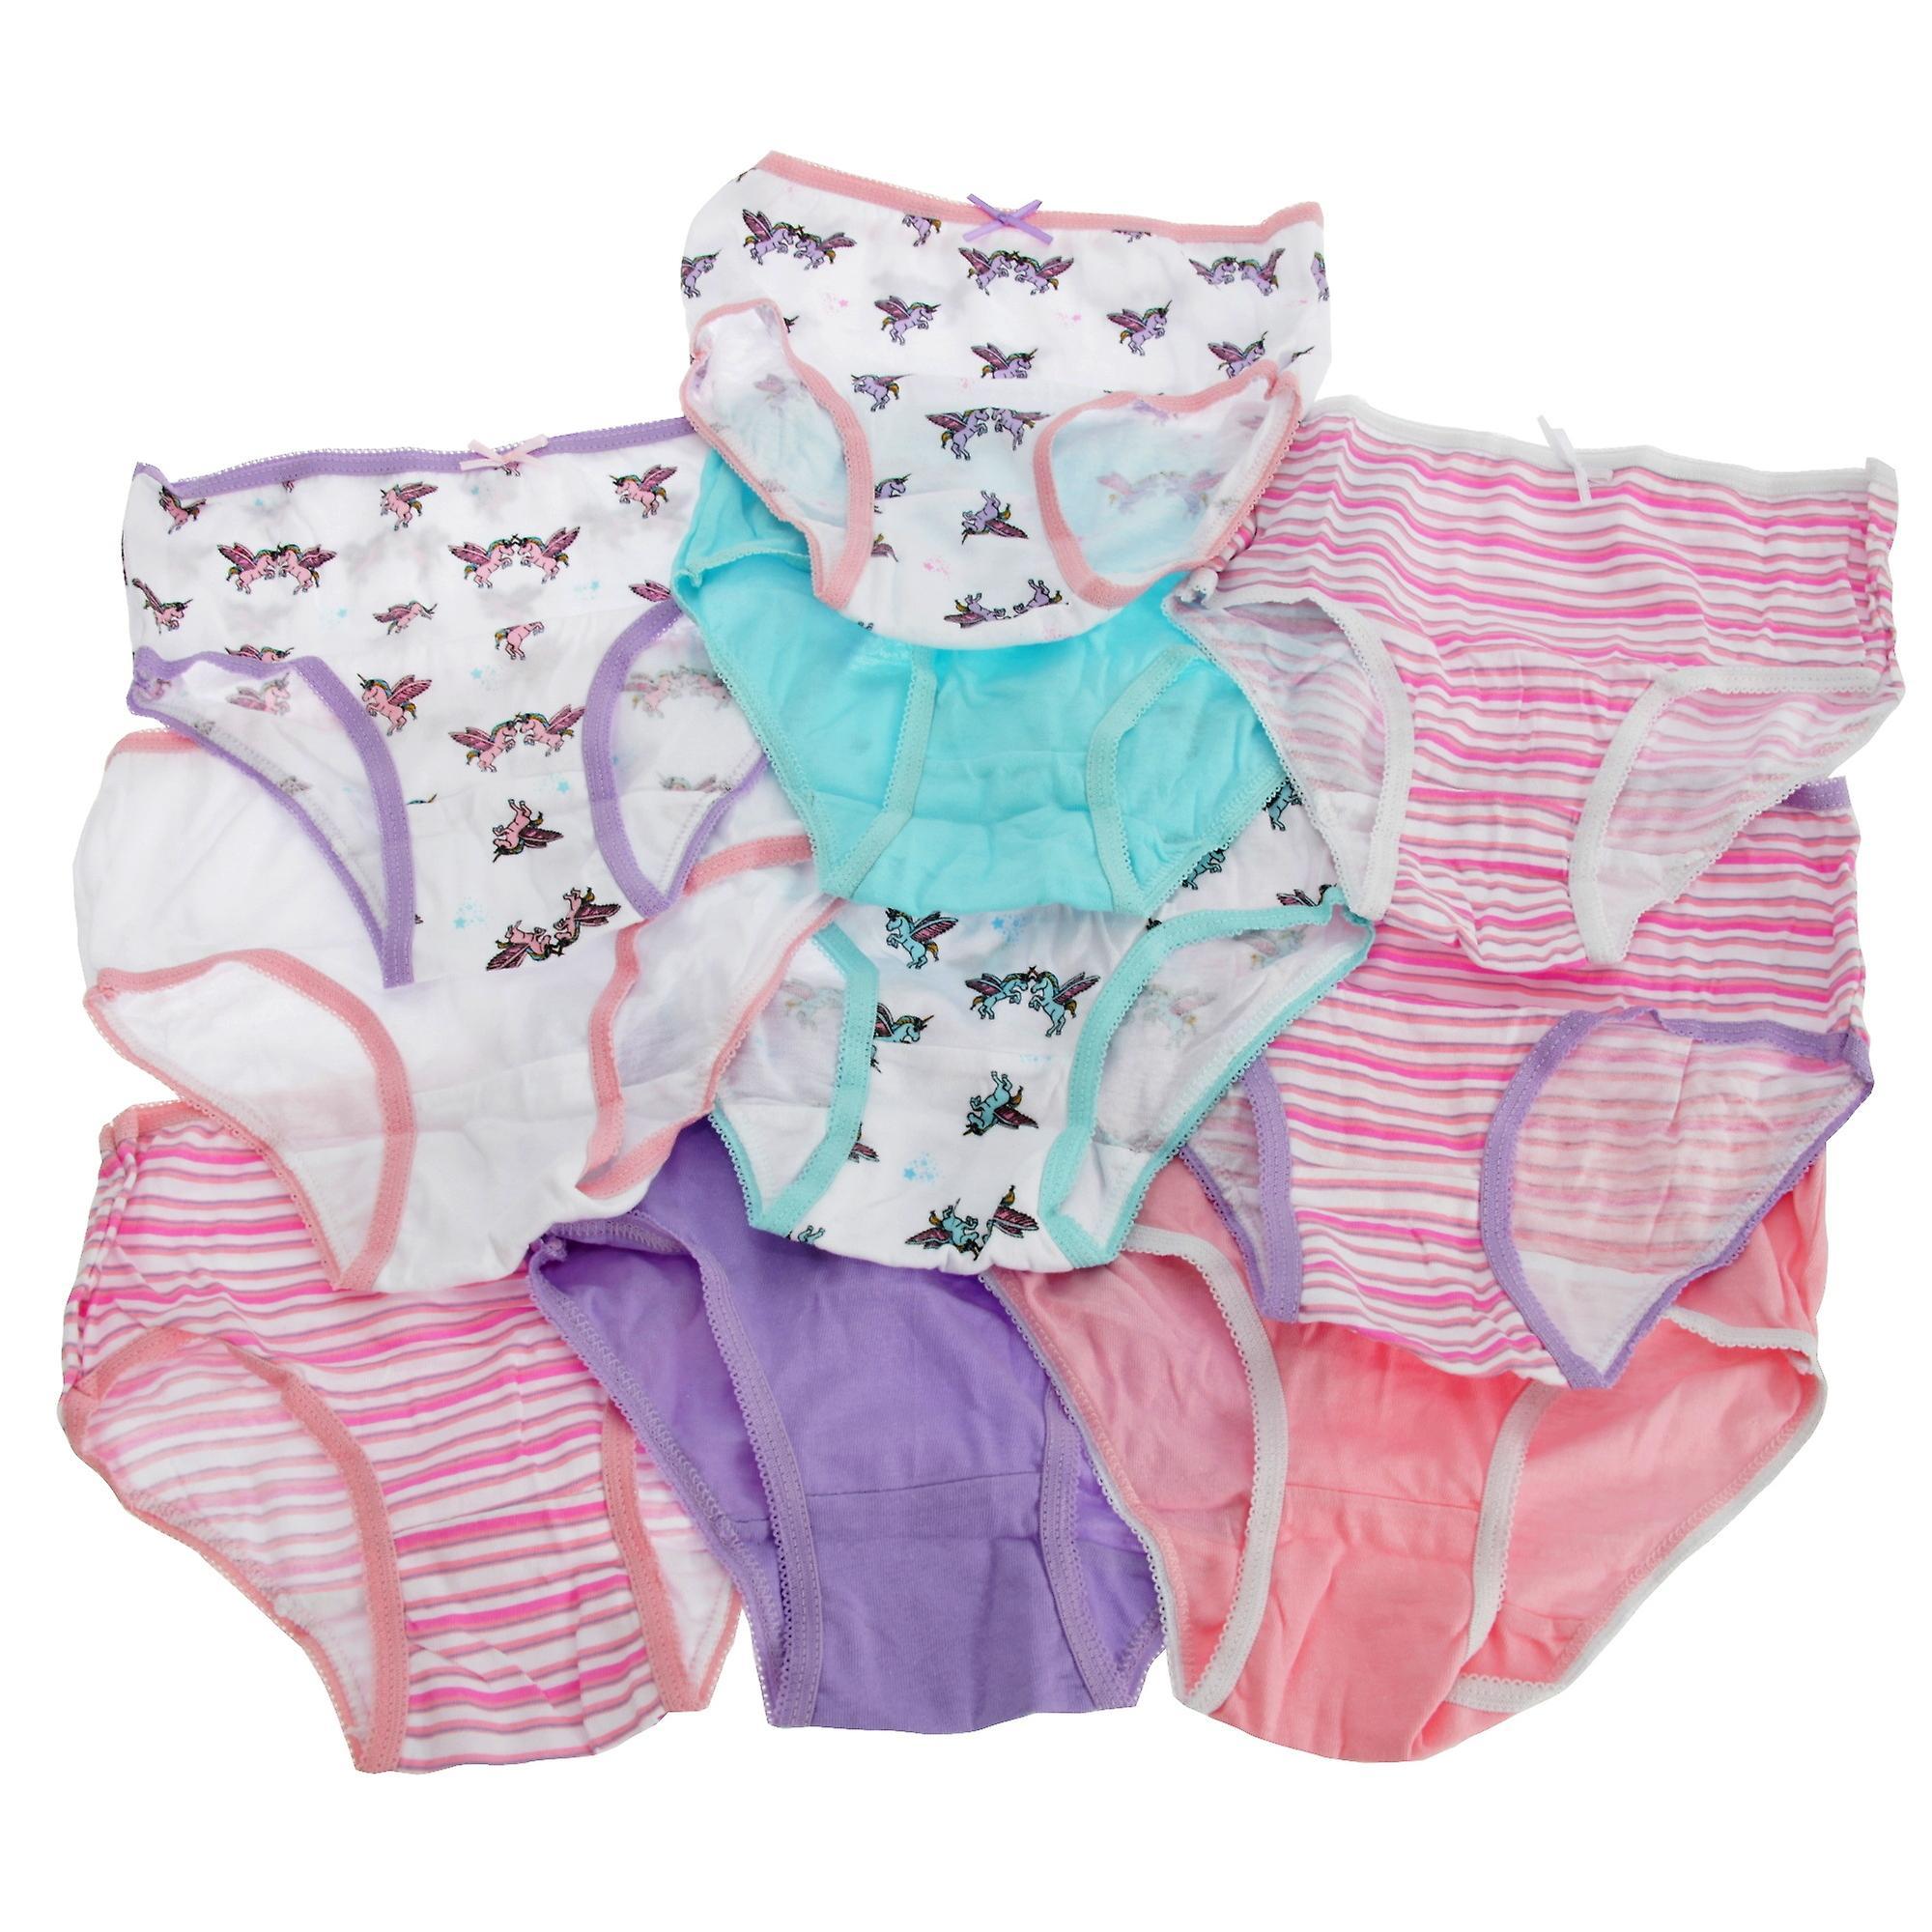 10 Pack Tom Franks Boys//Childrens Briefs Underwear